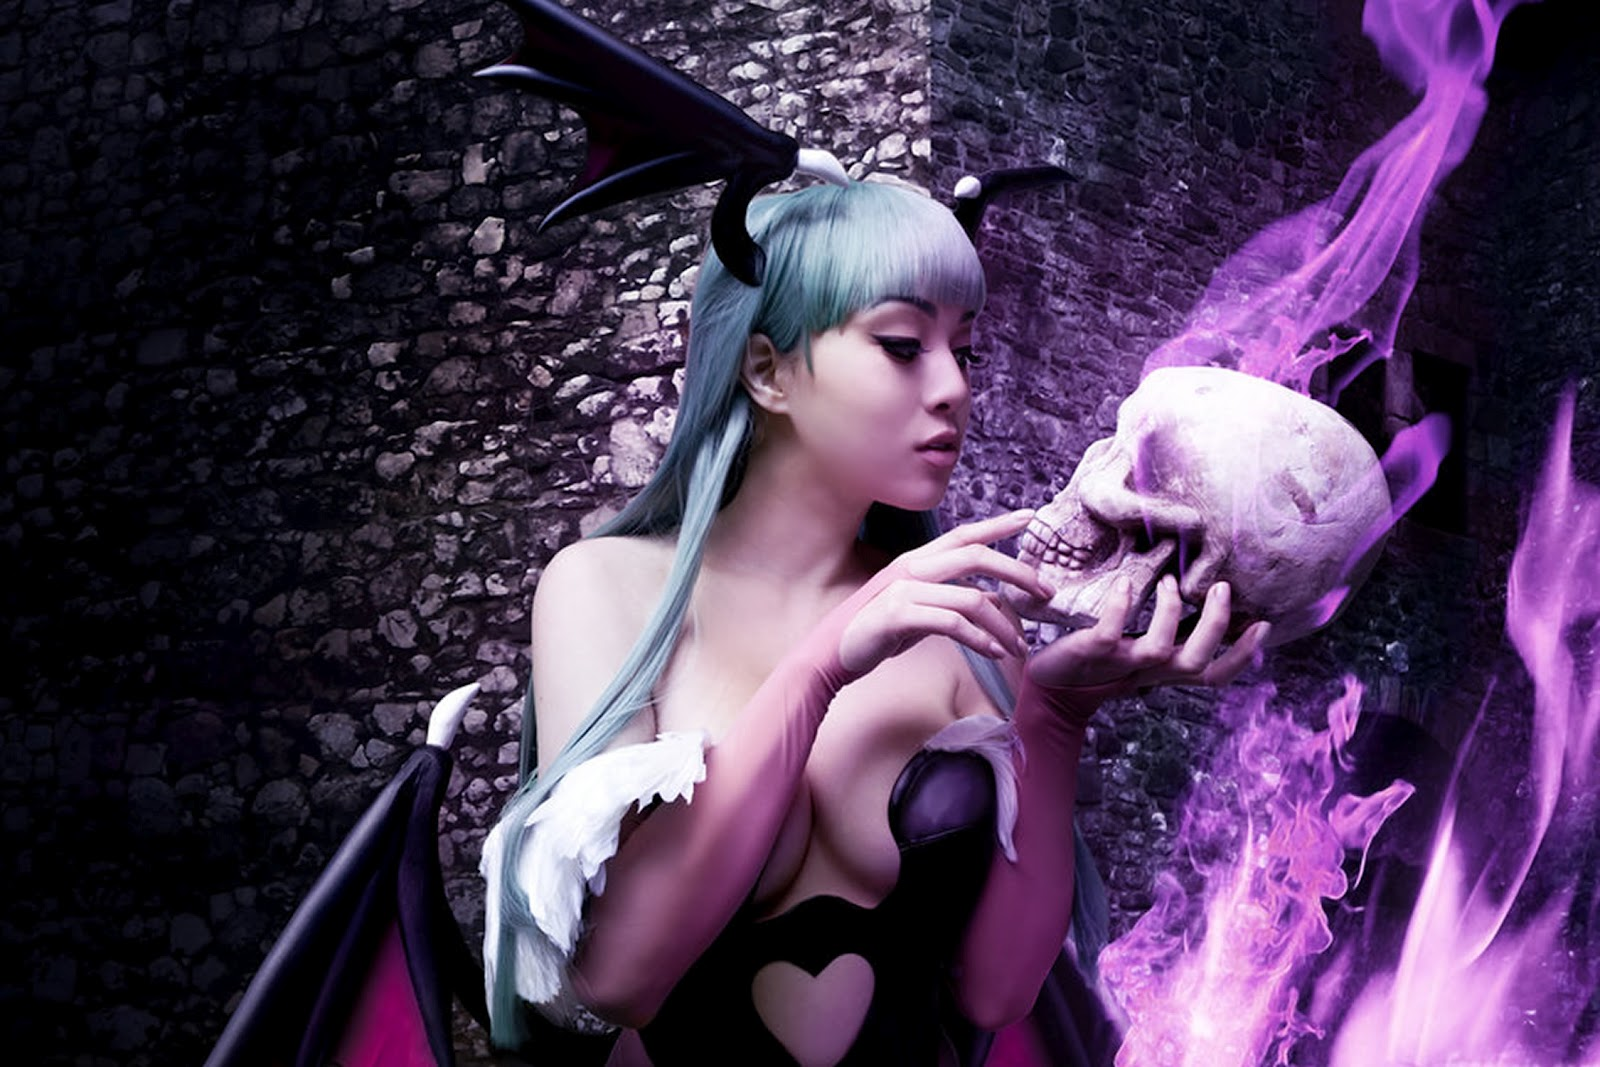 Сексуальная вампирша (28 фото) .